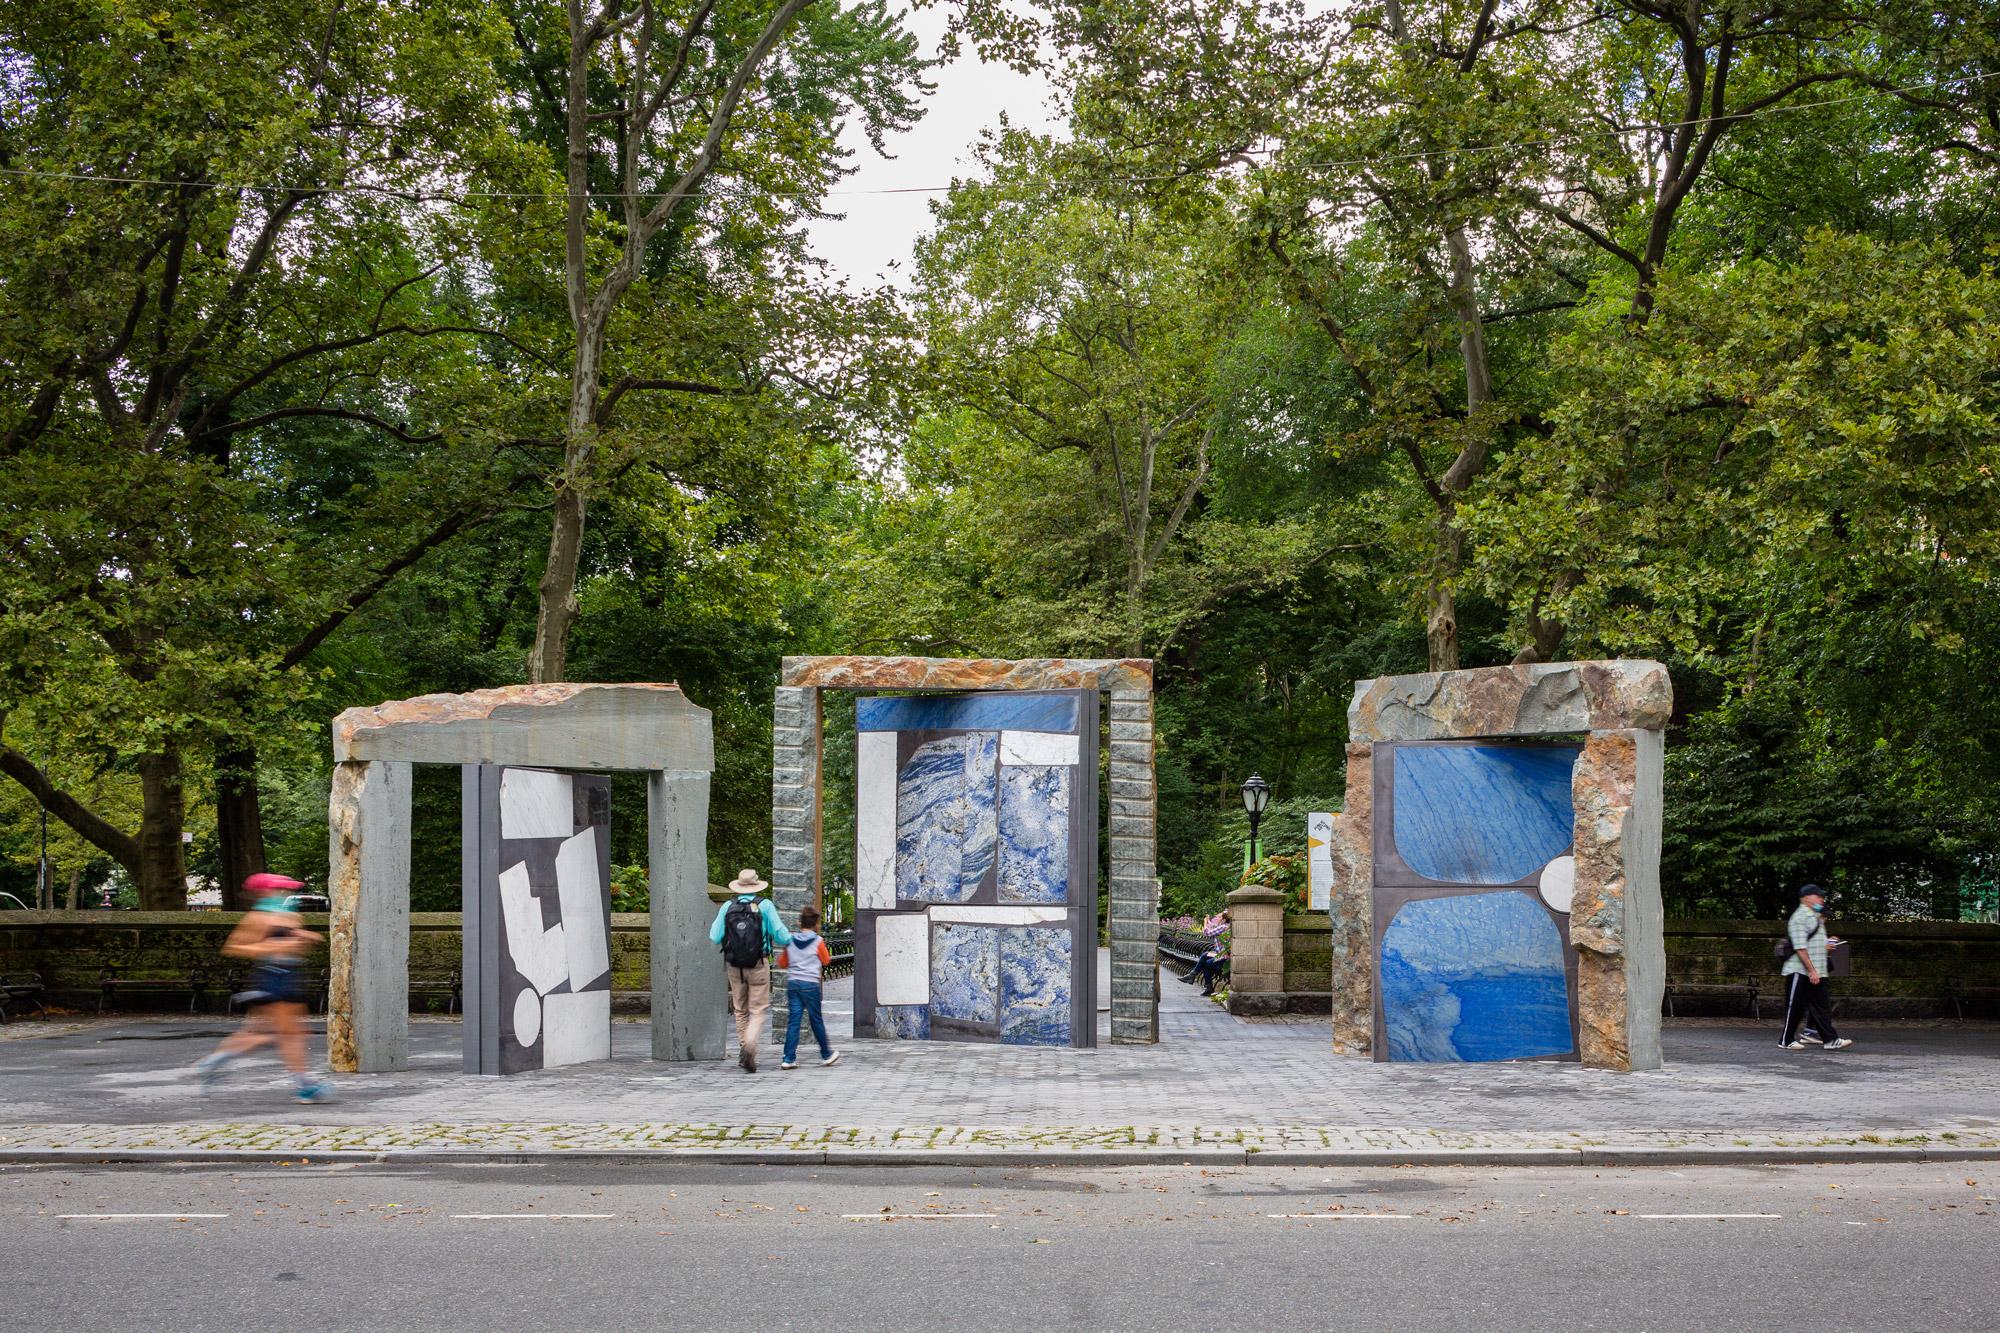 temporary art installations doors